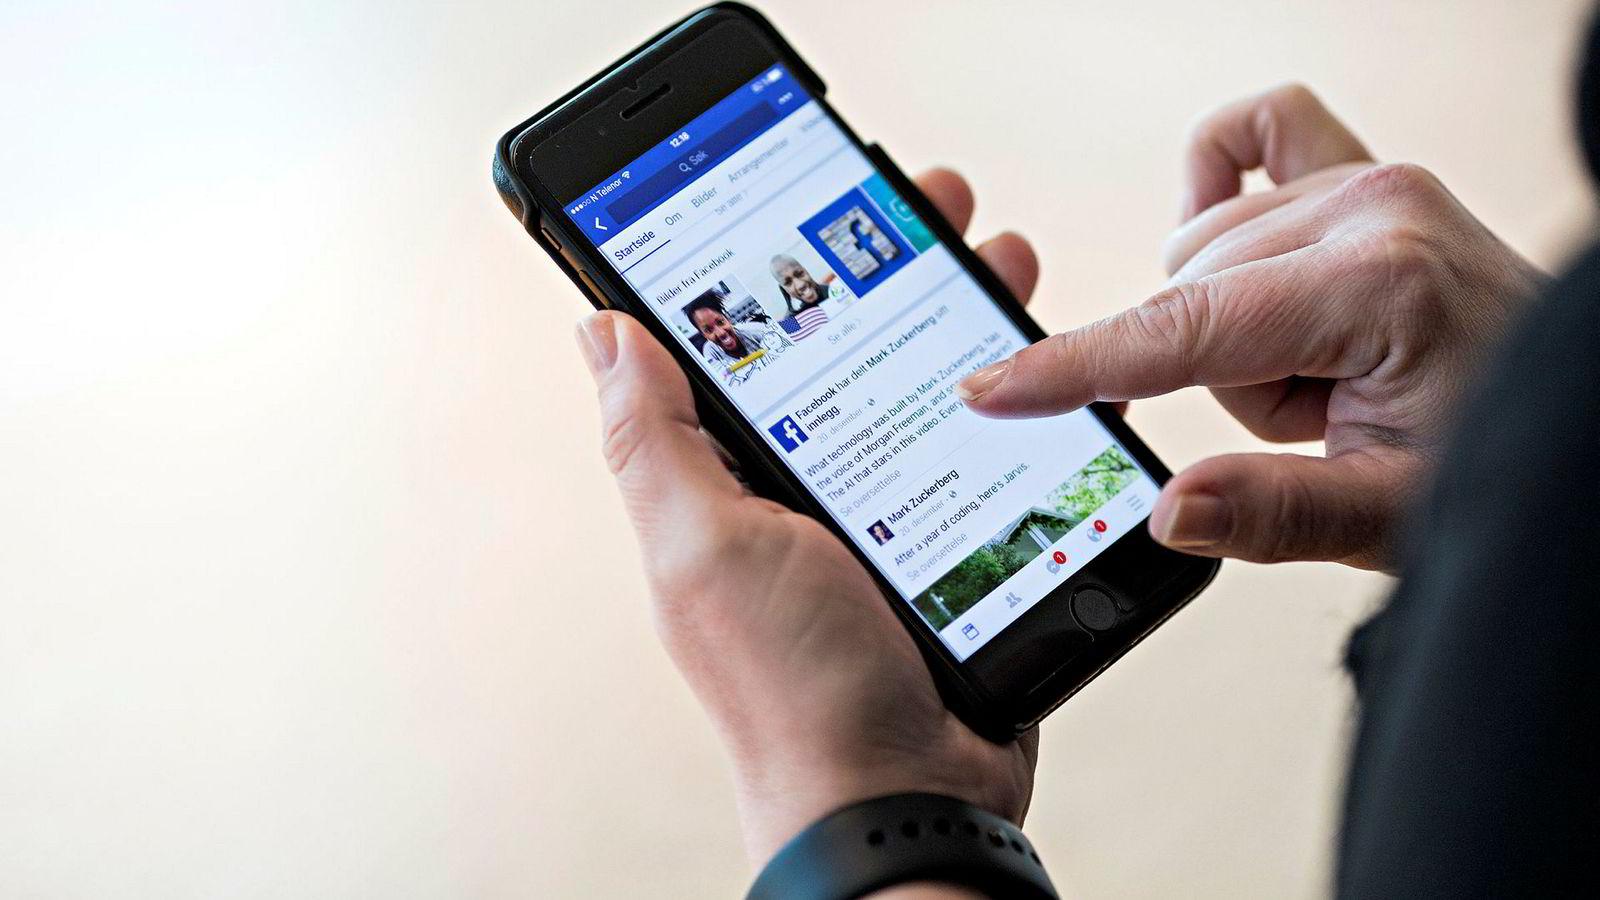 Noen ledere velger å dele mest jobbrelatert informasjon med sine medarbeidere på Facebook, og bruker Facebook som et verktøy i sin lederrolle. Andre ledere deler mest personlig informasjon om familie og fritidsaktiviteter.